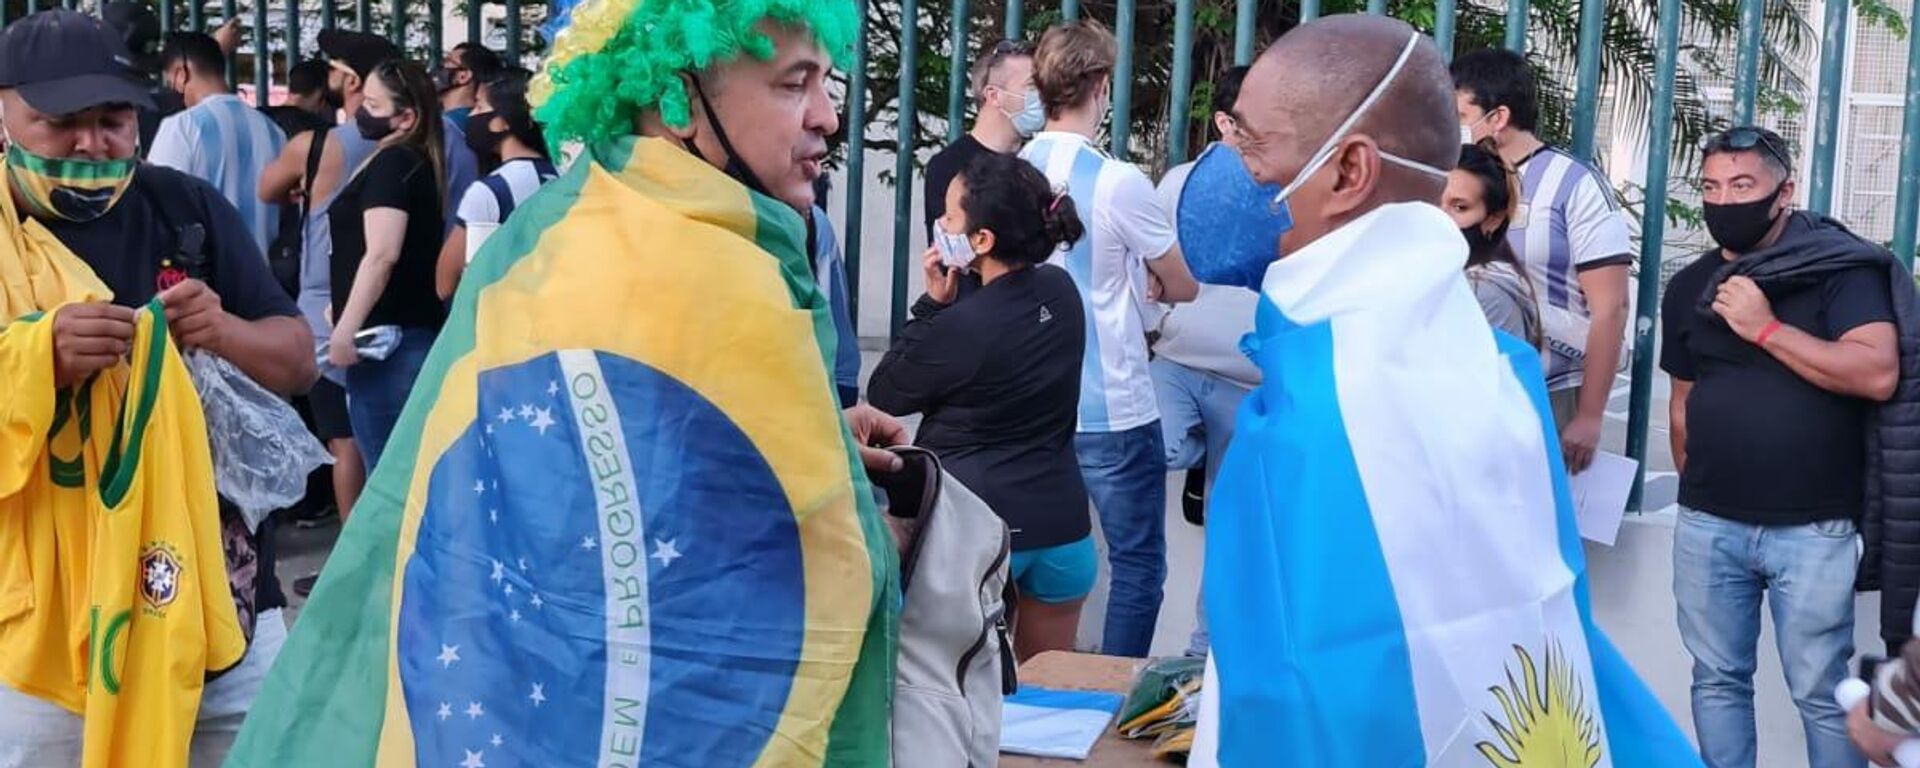 Brasileños y argentinos hacen cola a las puertas del estadio de Maracaná - Sputnik Mundo, 1920, 10.07.2021